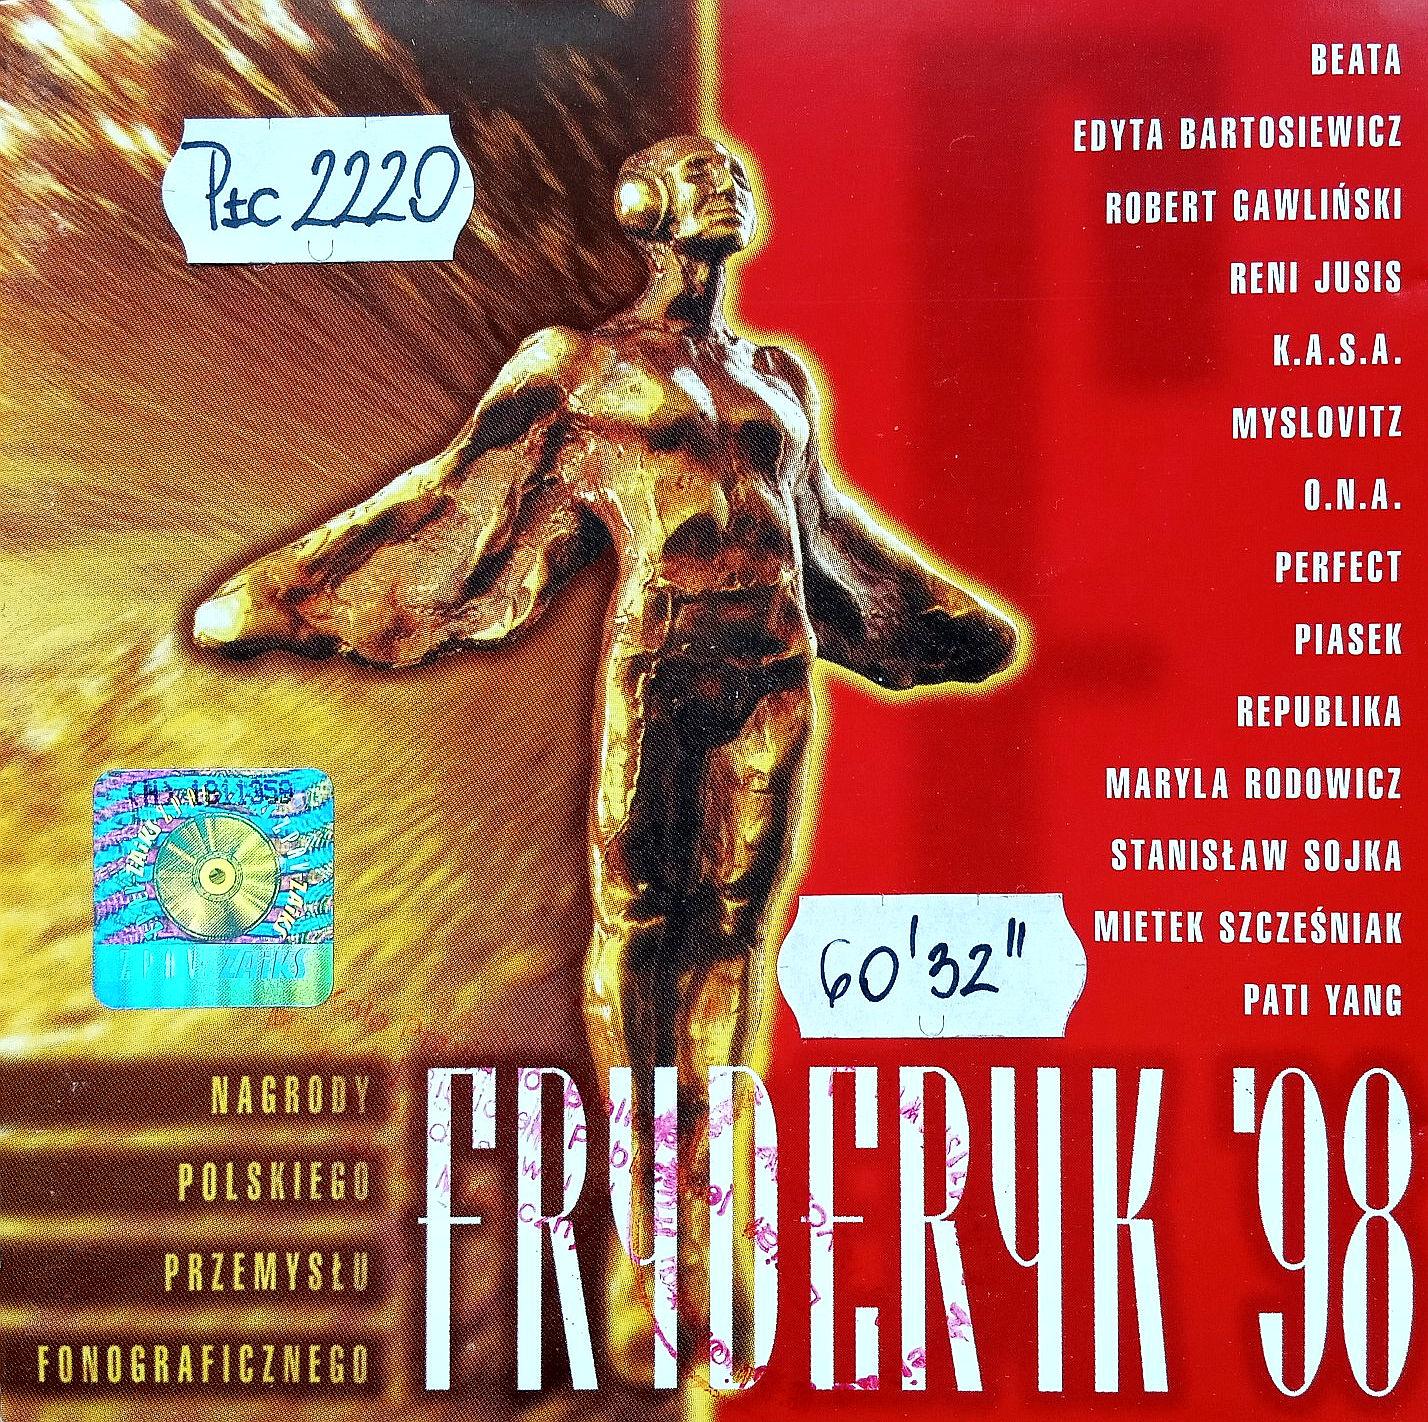 Fryderyk '98